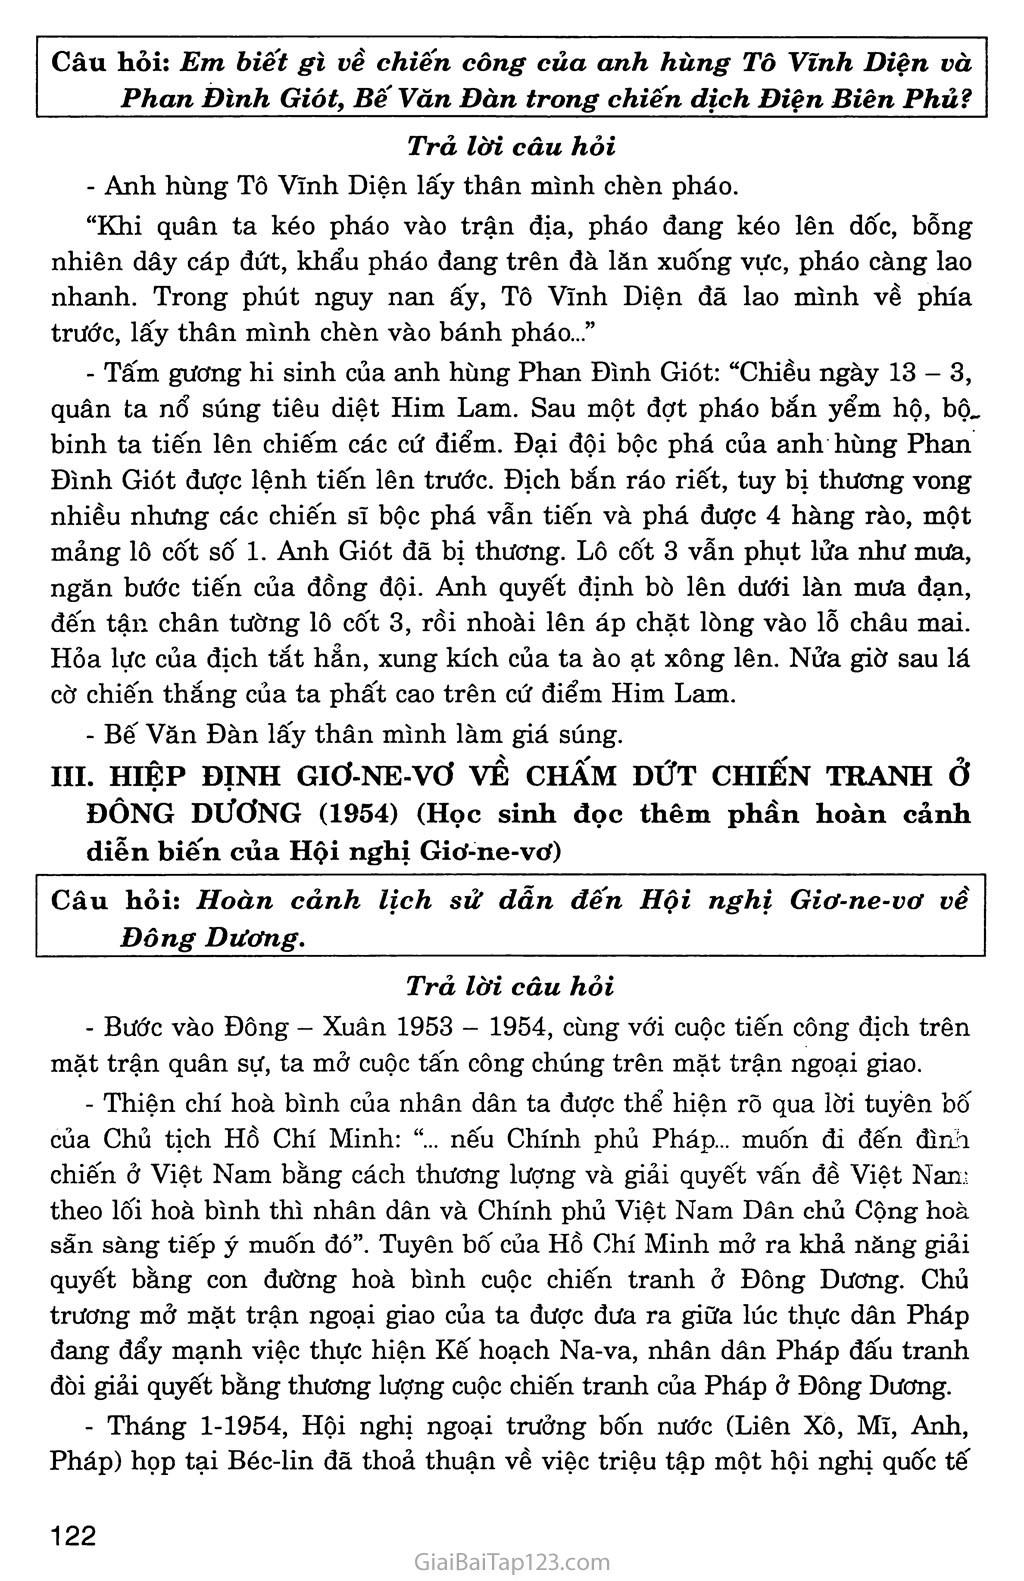 Bài 27: Cuộc kháng chiến toàn quốc chống thực dân Pháp xâm lược kết thúc (1953 - 1954) trang 6